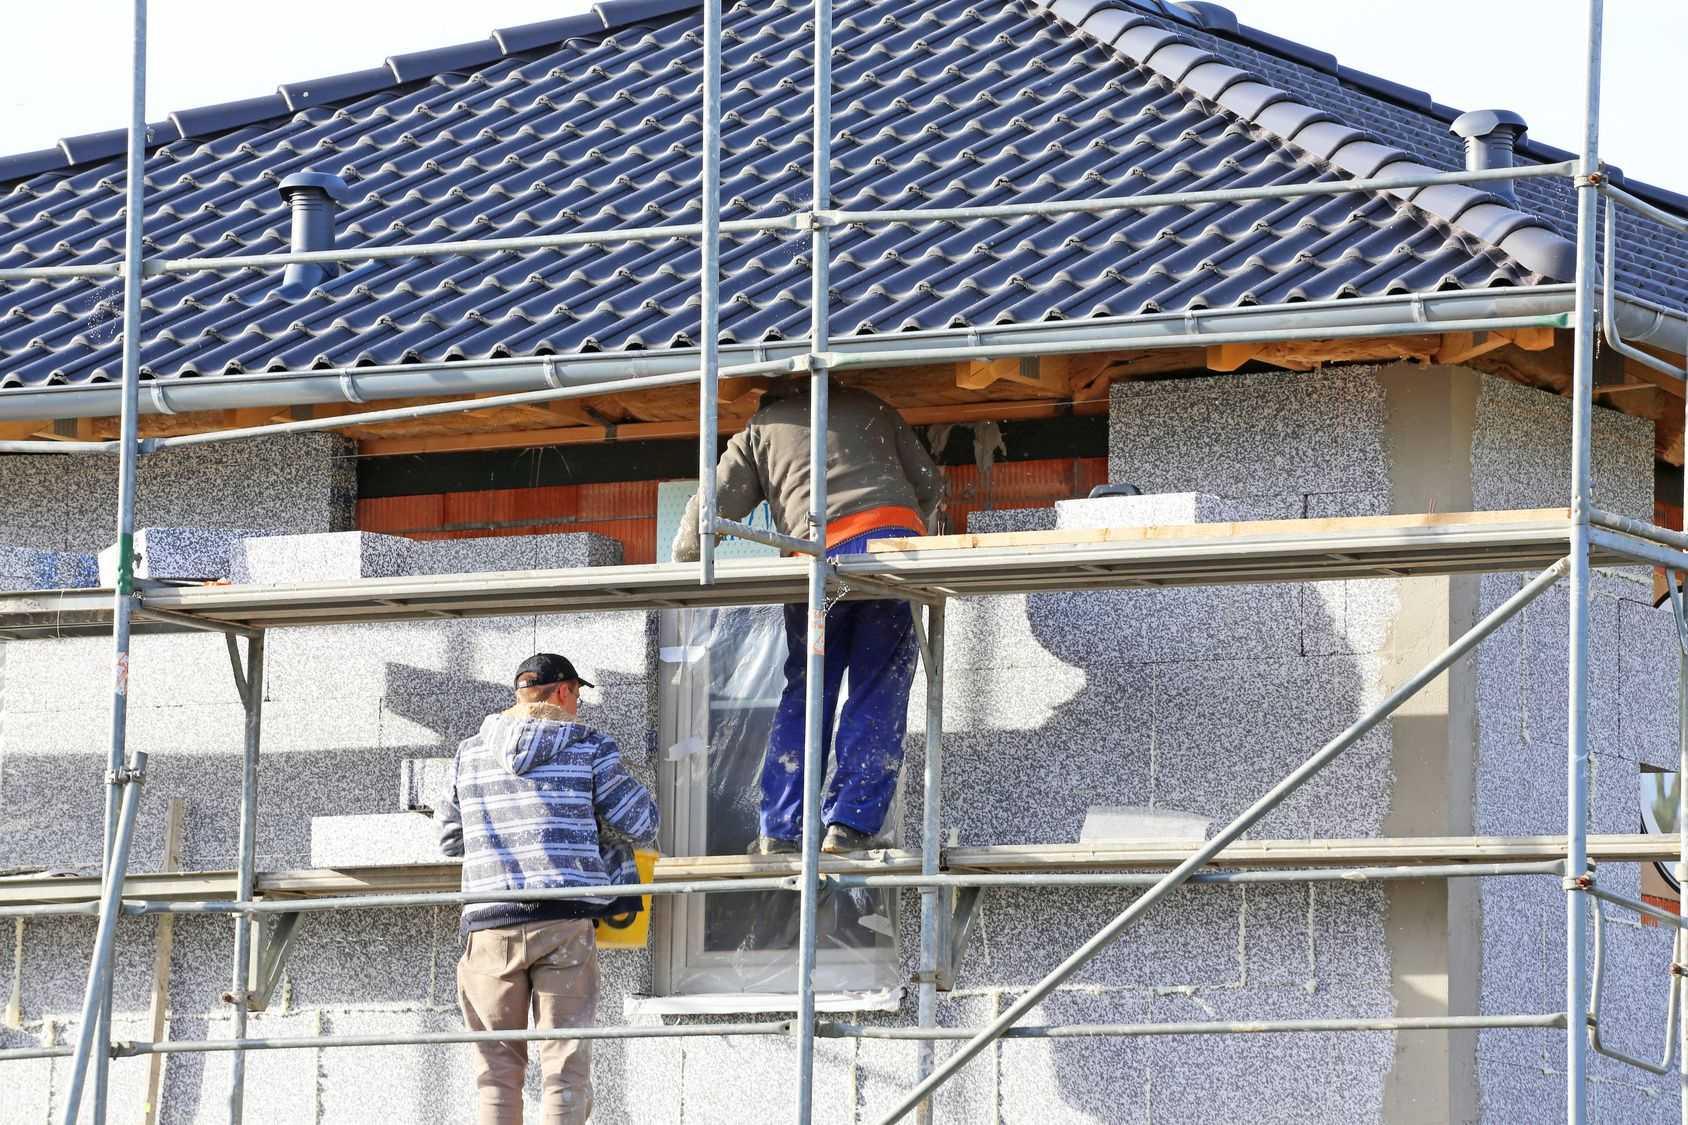 Bevorzugt Die Kosten für Fassadendämmung ermitteln RQ18